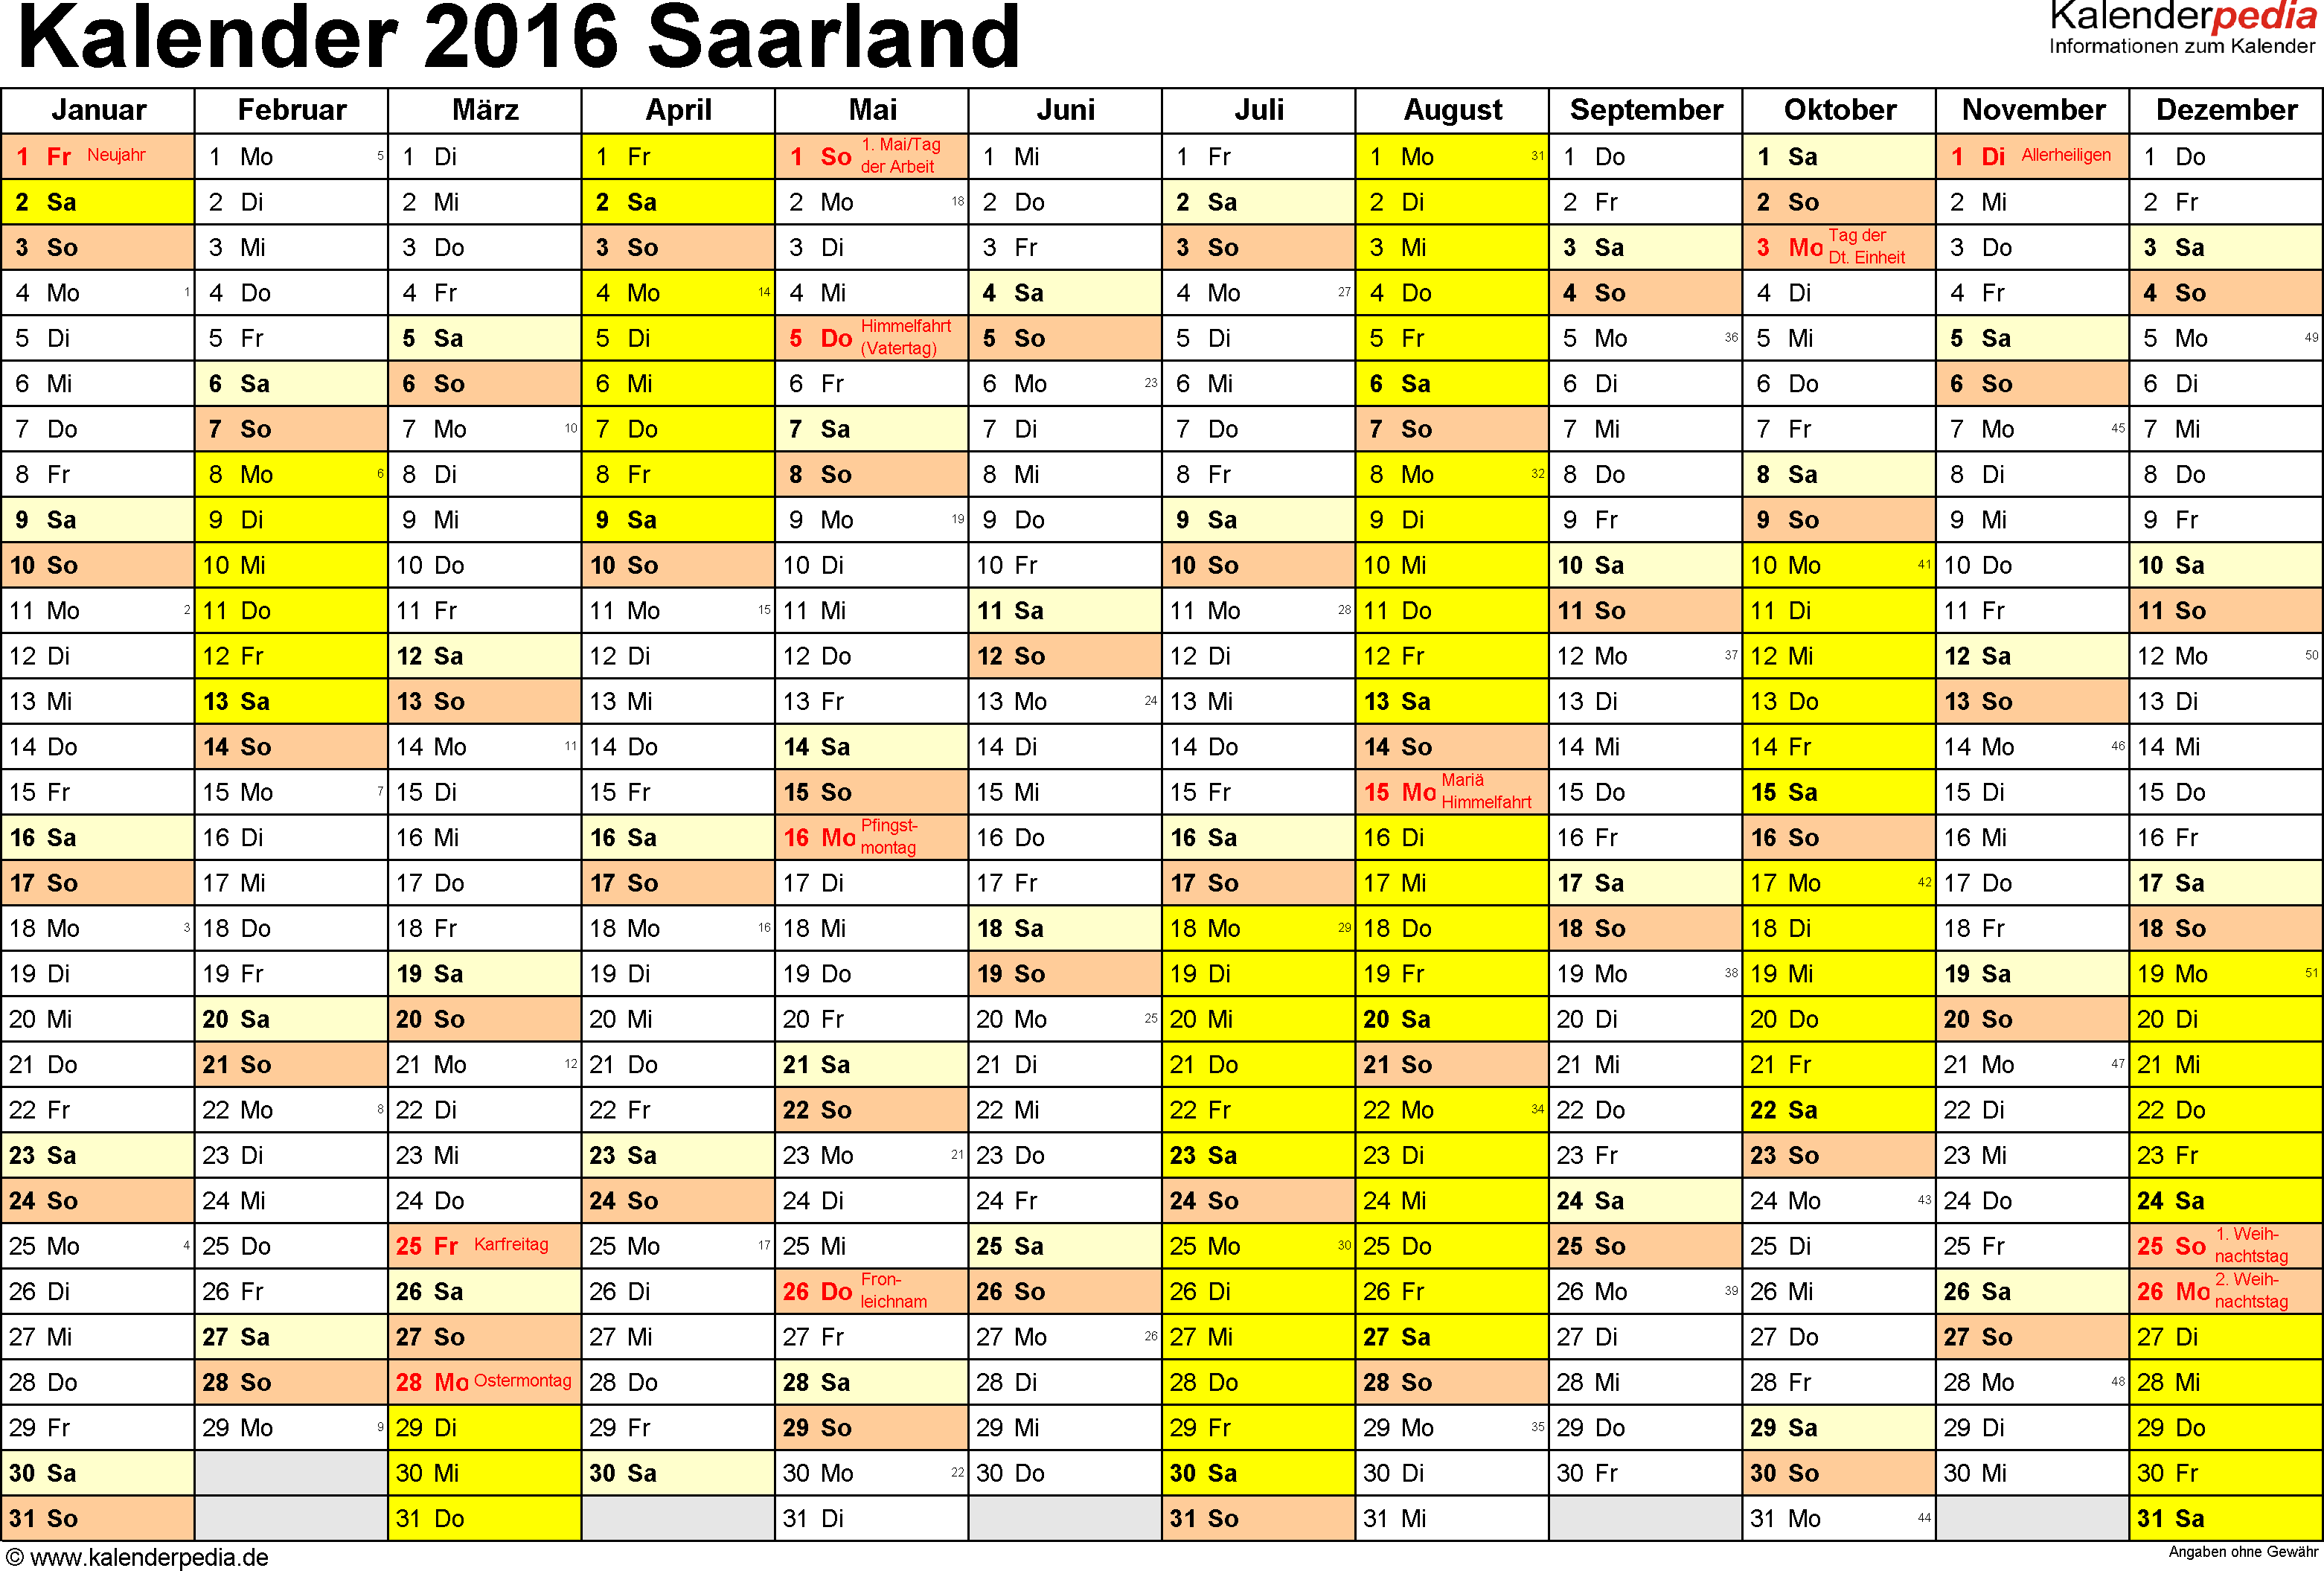 Vorlage 1: Kalender 2016 für Saarland als Word-Vorlage (Querformat, 1 Seite)